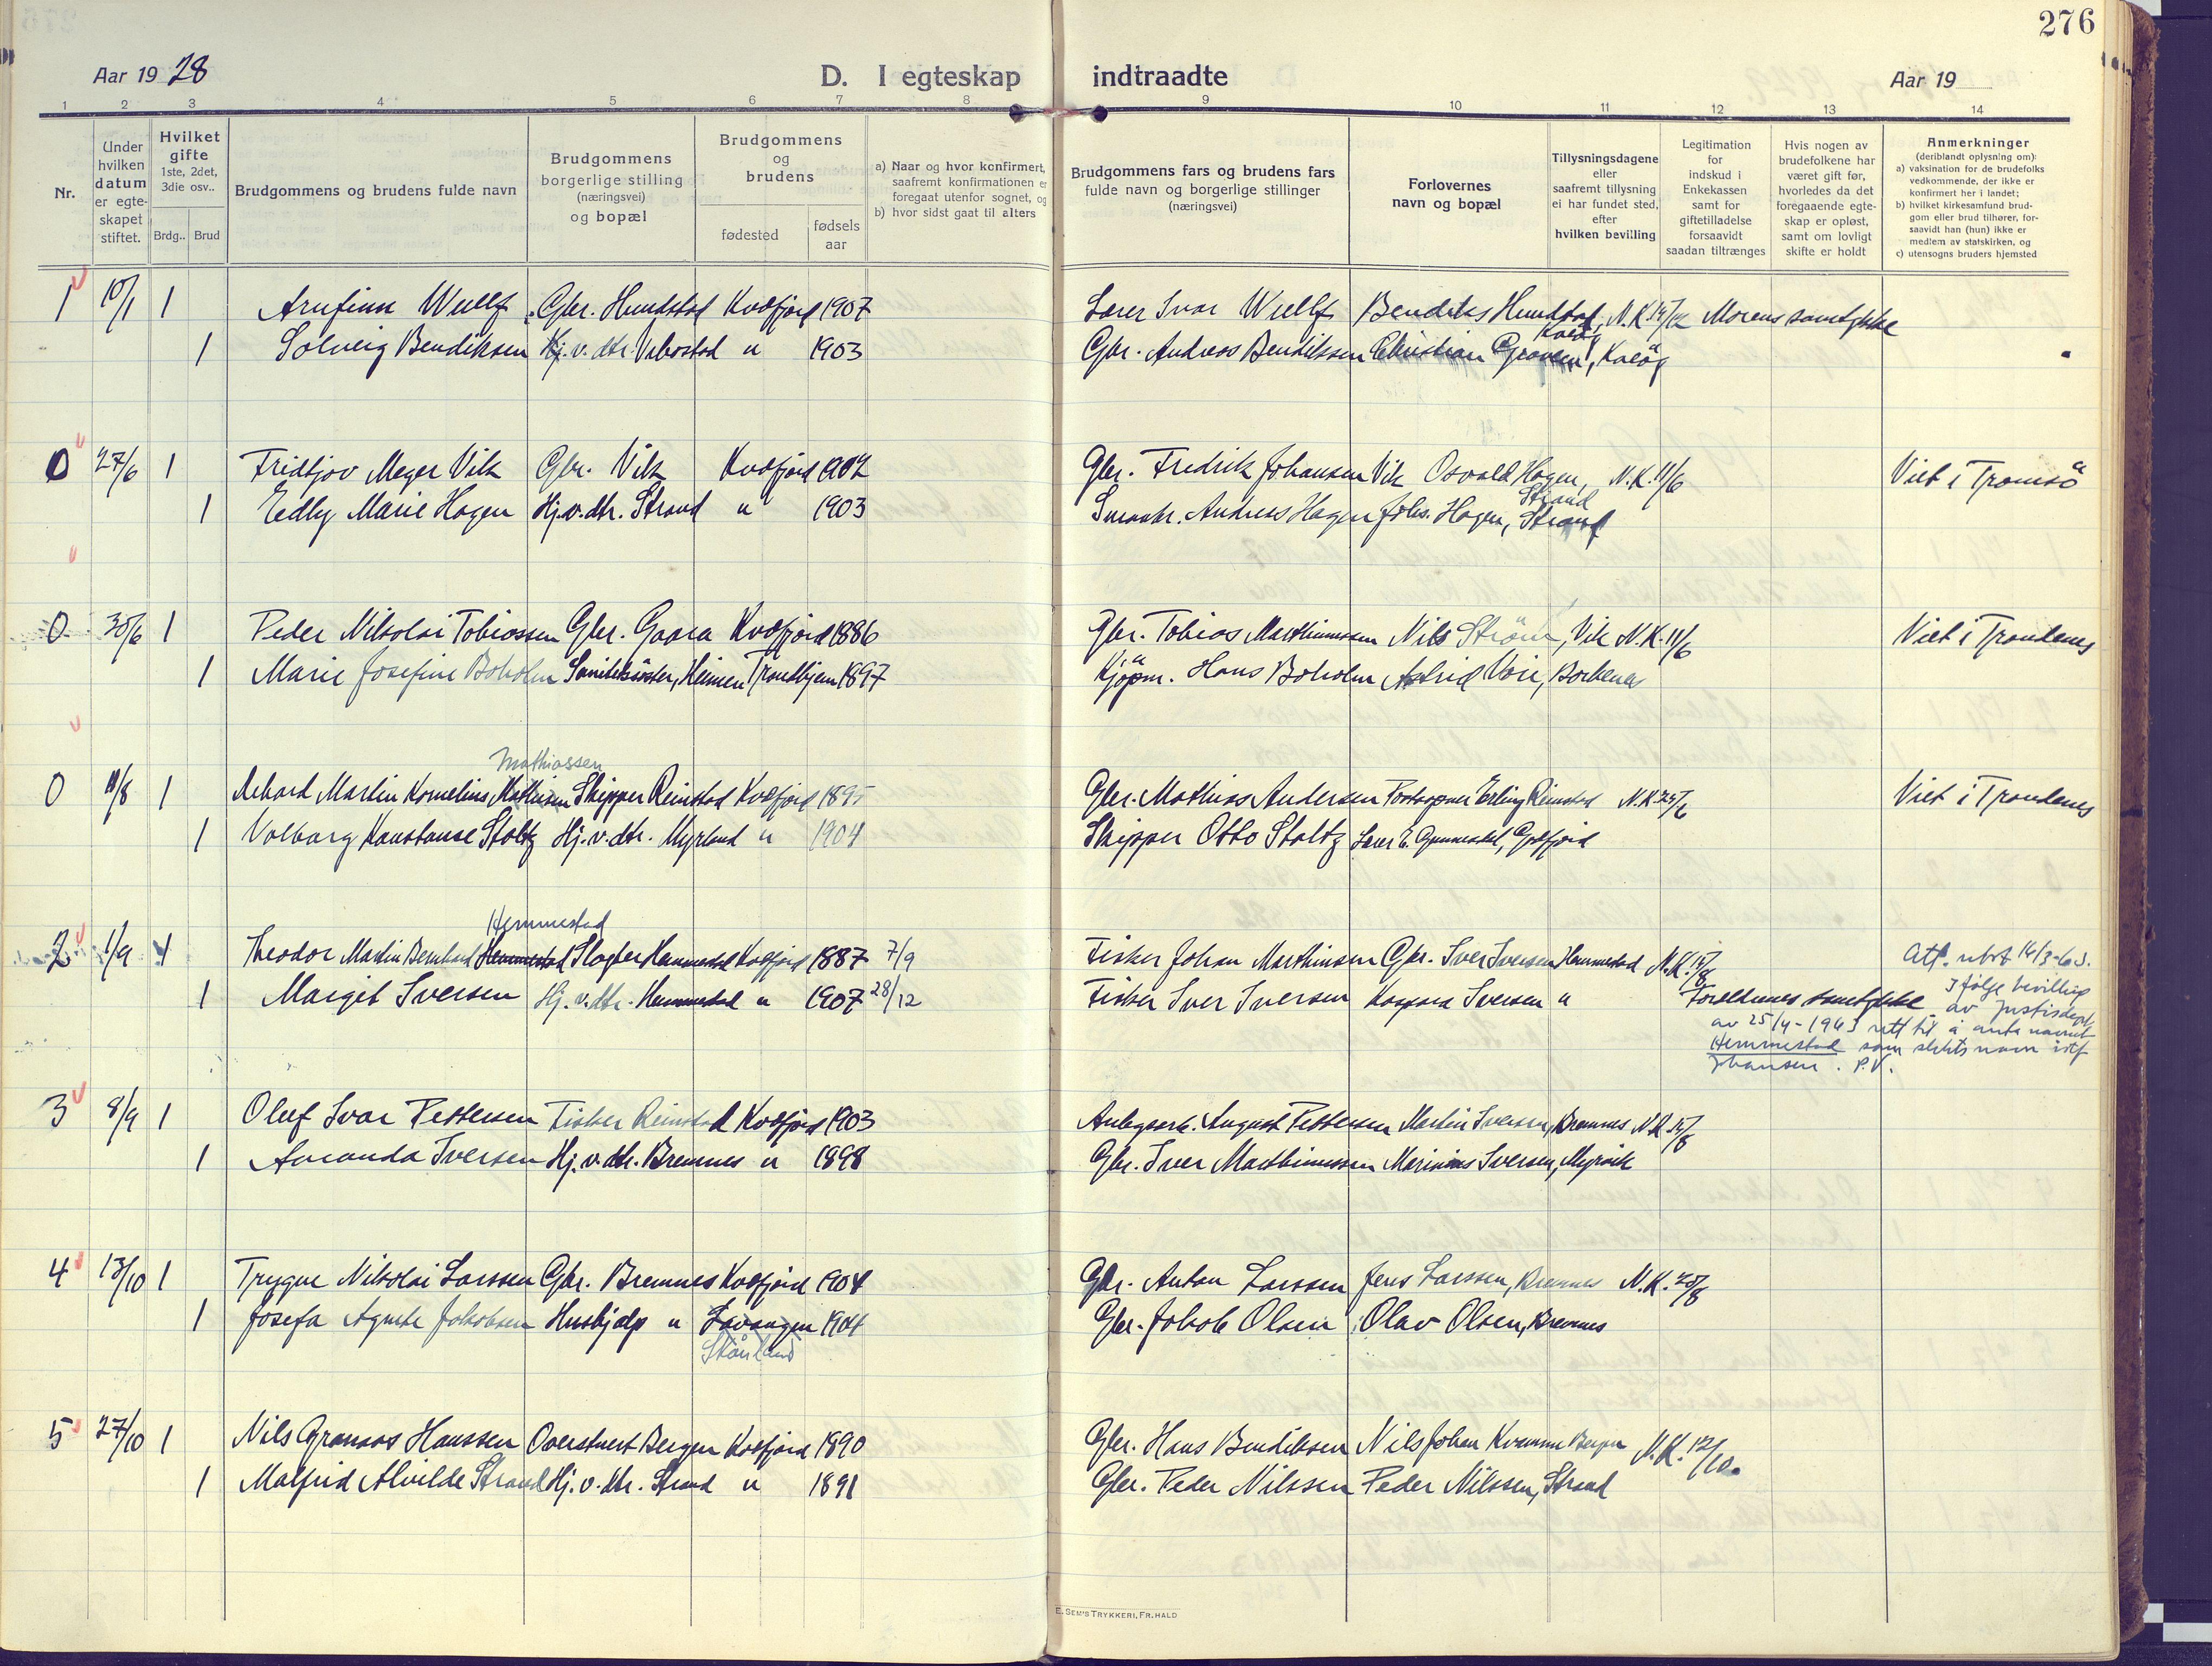 SATØ, Kvæfjord sokneprestkontor, G/Ga/Gaa/L0007kirke: Ministerialbok nr. 7, 1915-1931, s. 276